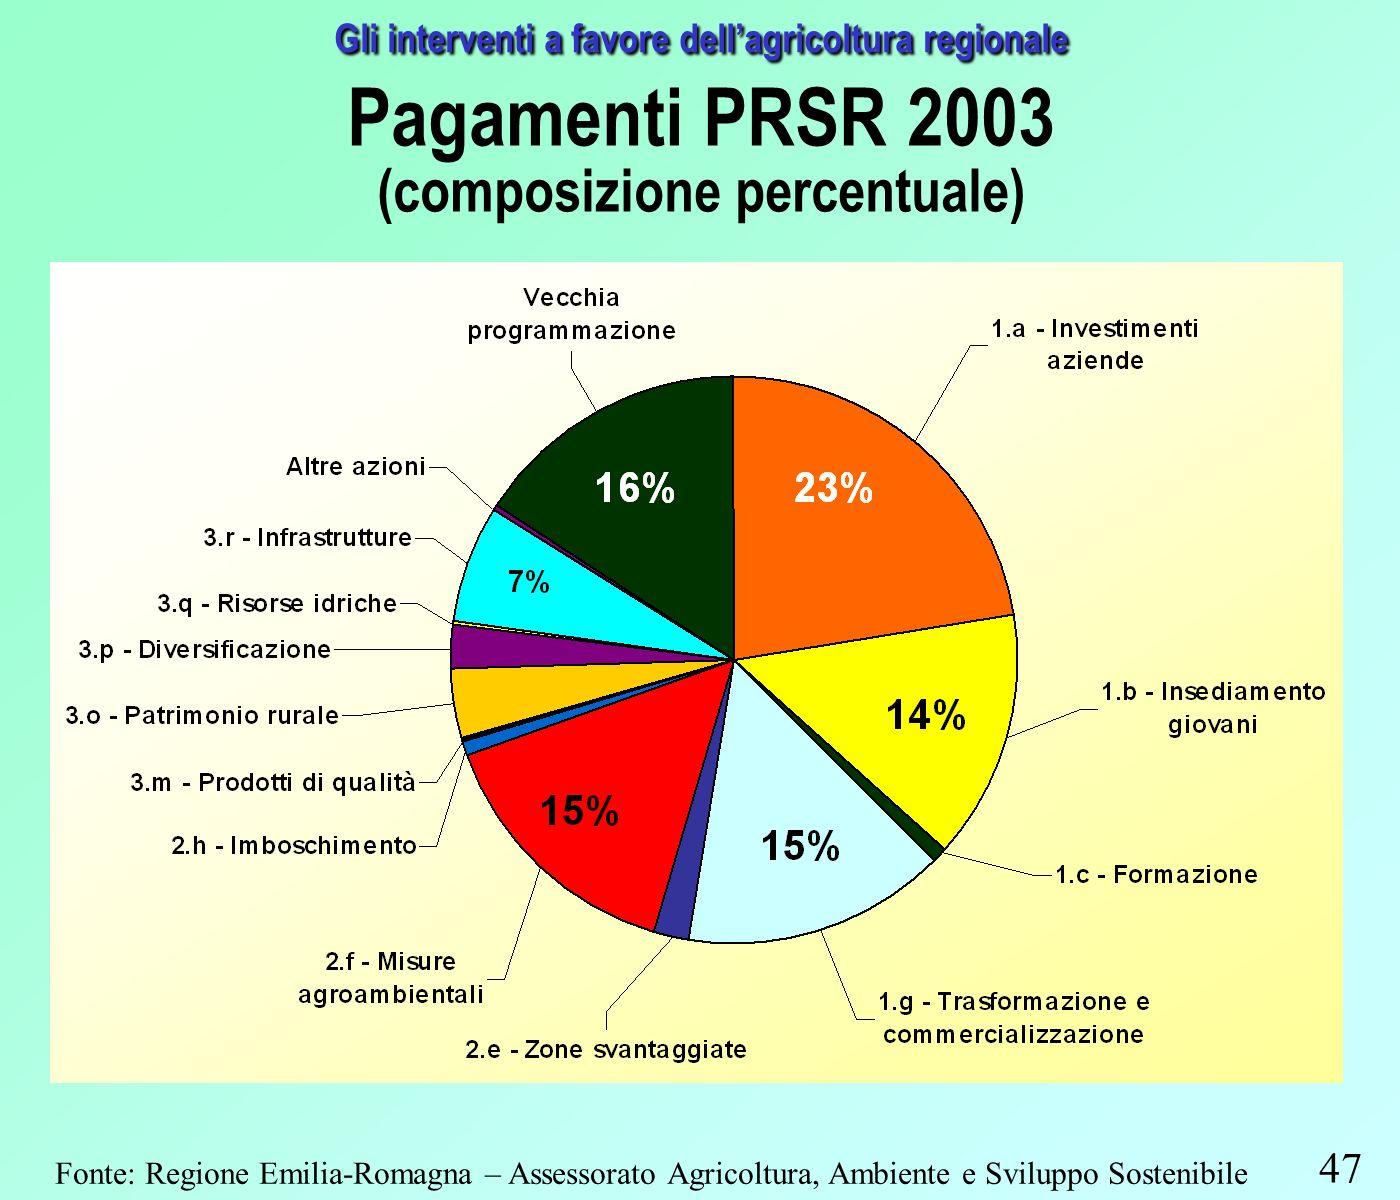 47 Gli interventi a favore dellagricoltura regionale Pagamenti PRSR 2003 (composizione percentuale) Fonte: Regione Emilia-Romagna – Assessorato Agricoltura, Ambiente e Sviluppo Sostenibile